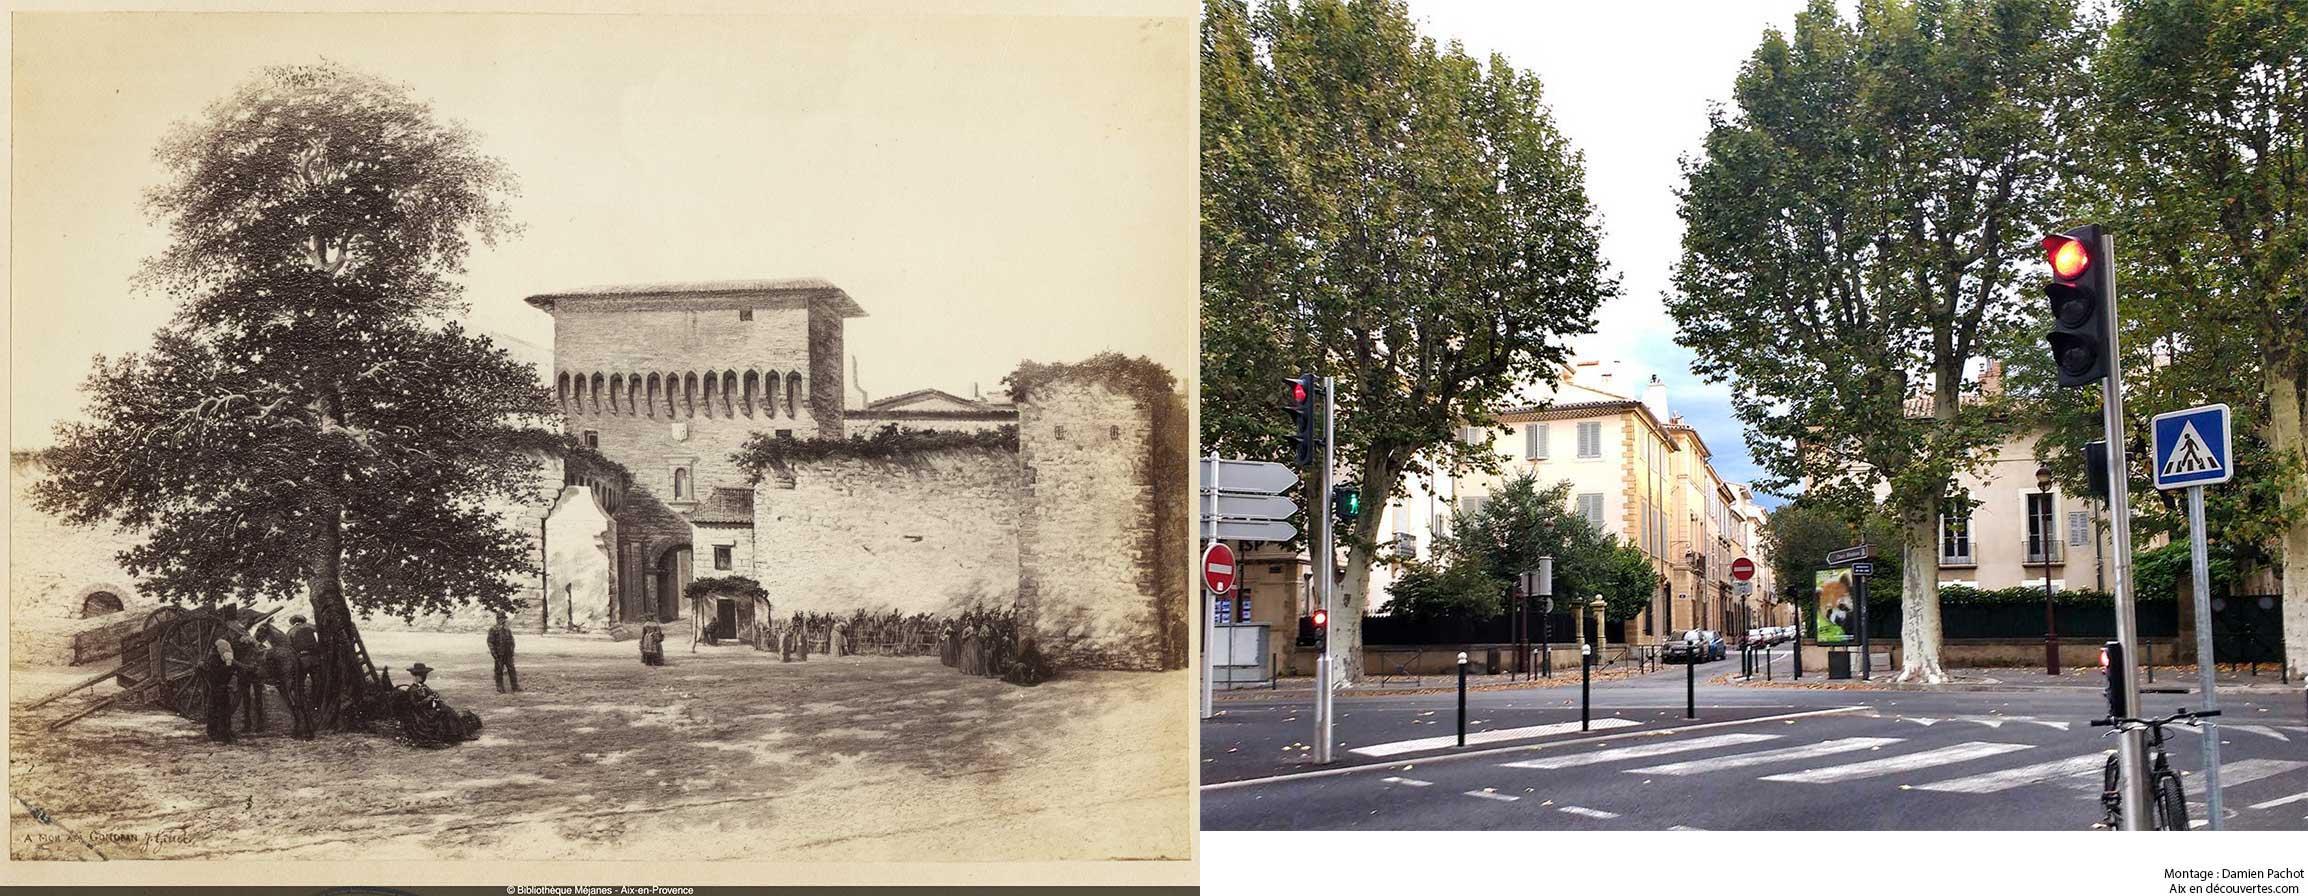 Cliché d'une esquisse de l'ancienne porte d'Orbitelle et l'emplacement qu'elle occupait - Bibliothèque Méjanes, Aix-en-Provence, Cote : PHO. GON. (1), 64